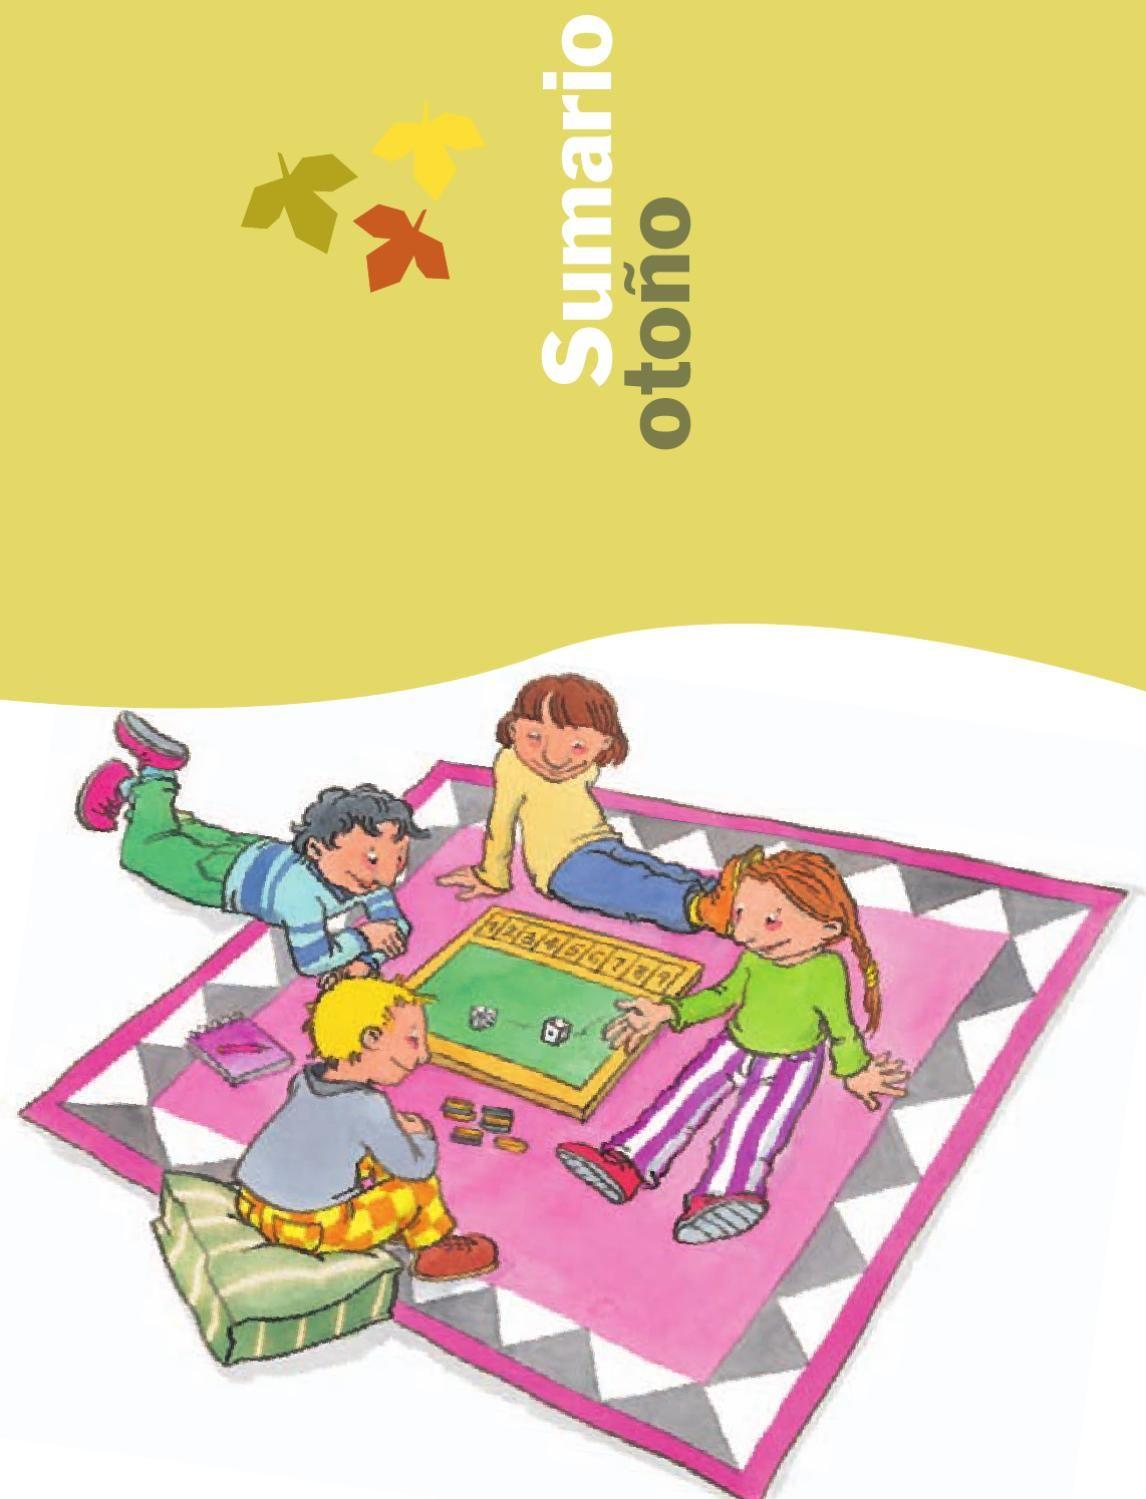 Juegos Juegos Para Todo El Año In 2020 Digital Publishing Author Newspapers